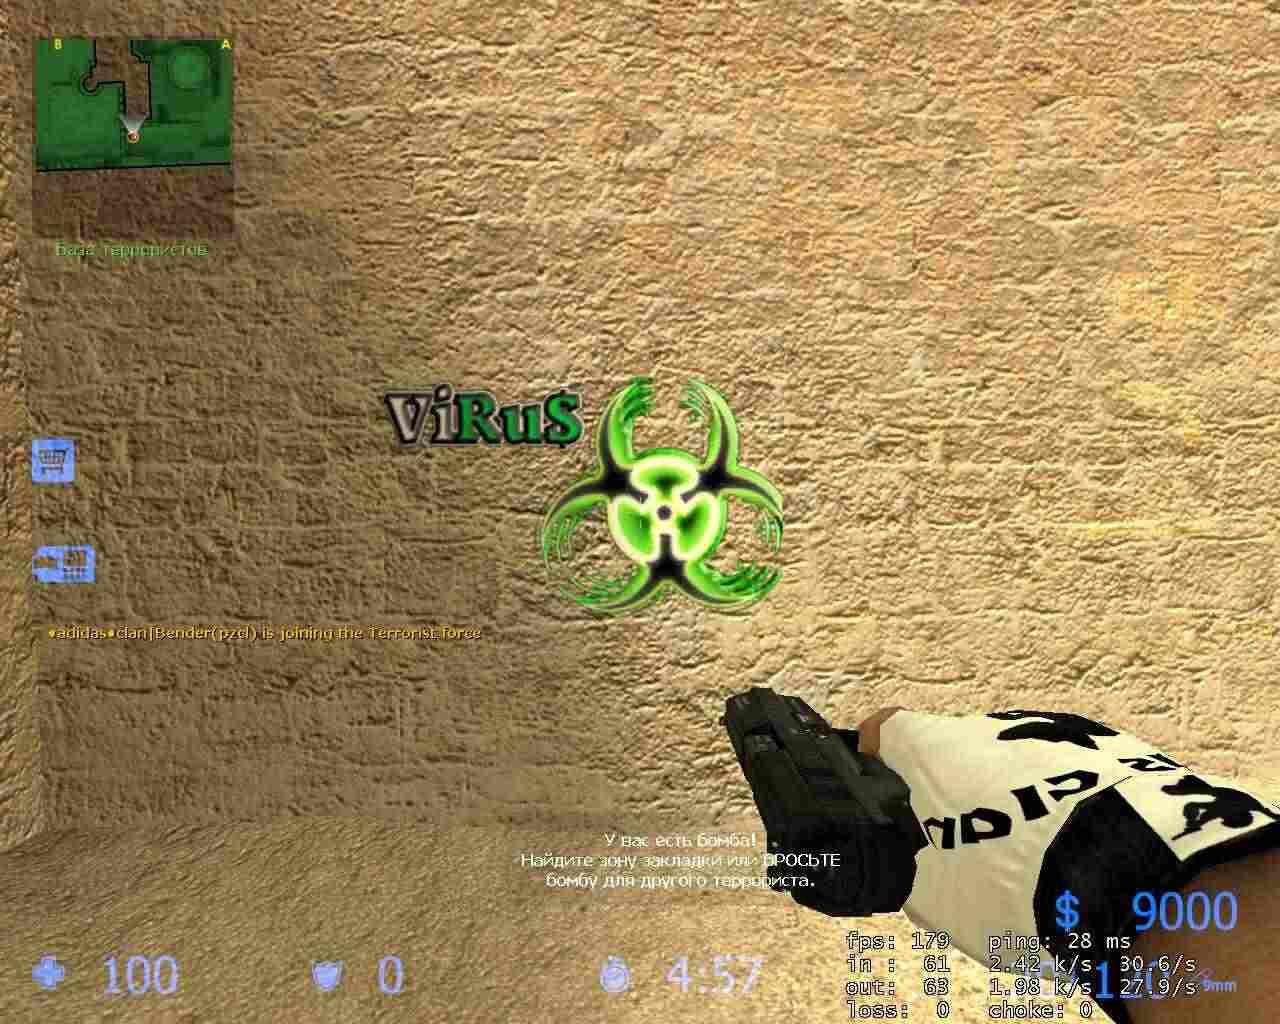 Спреи - Все для CS: Source - Игровой портал - Персональный сайт